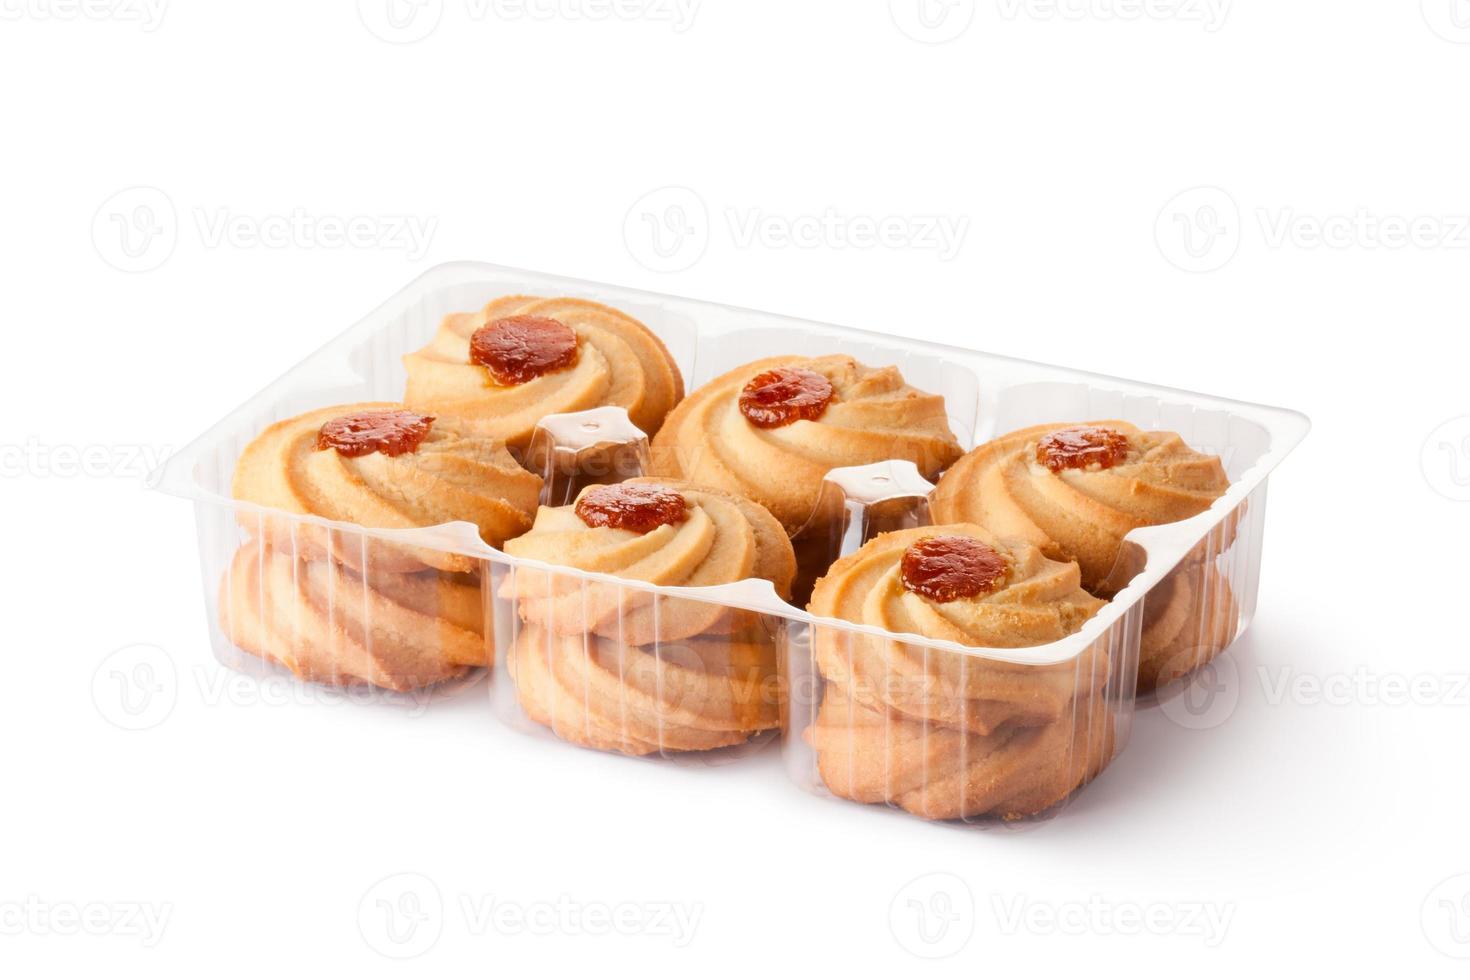 biscoitos com coberturas de geléia no pacote de varejo foto